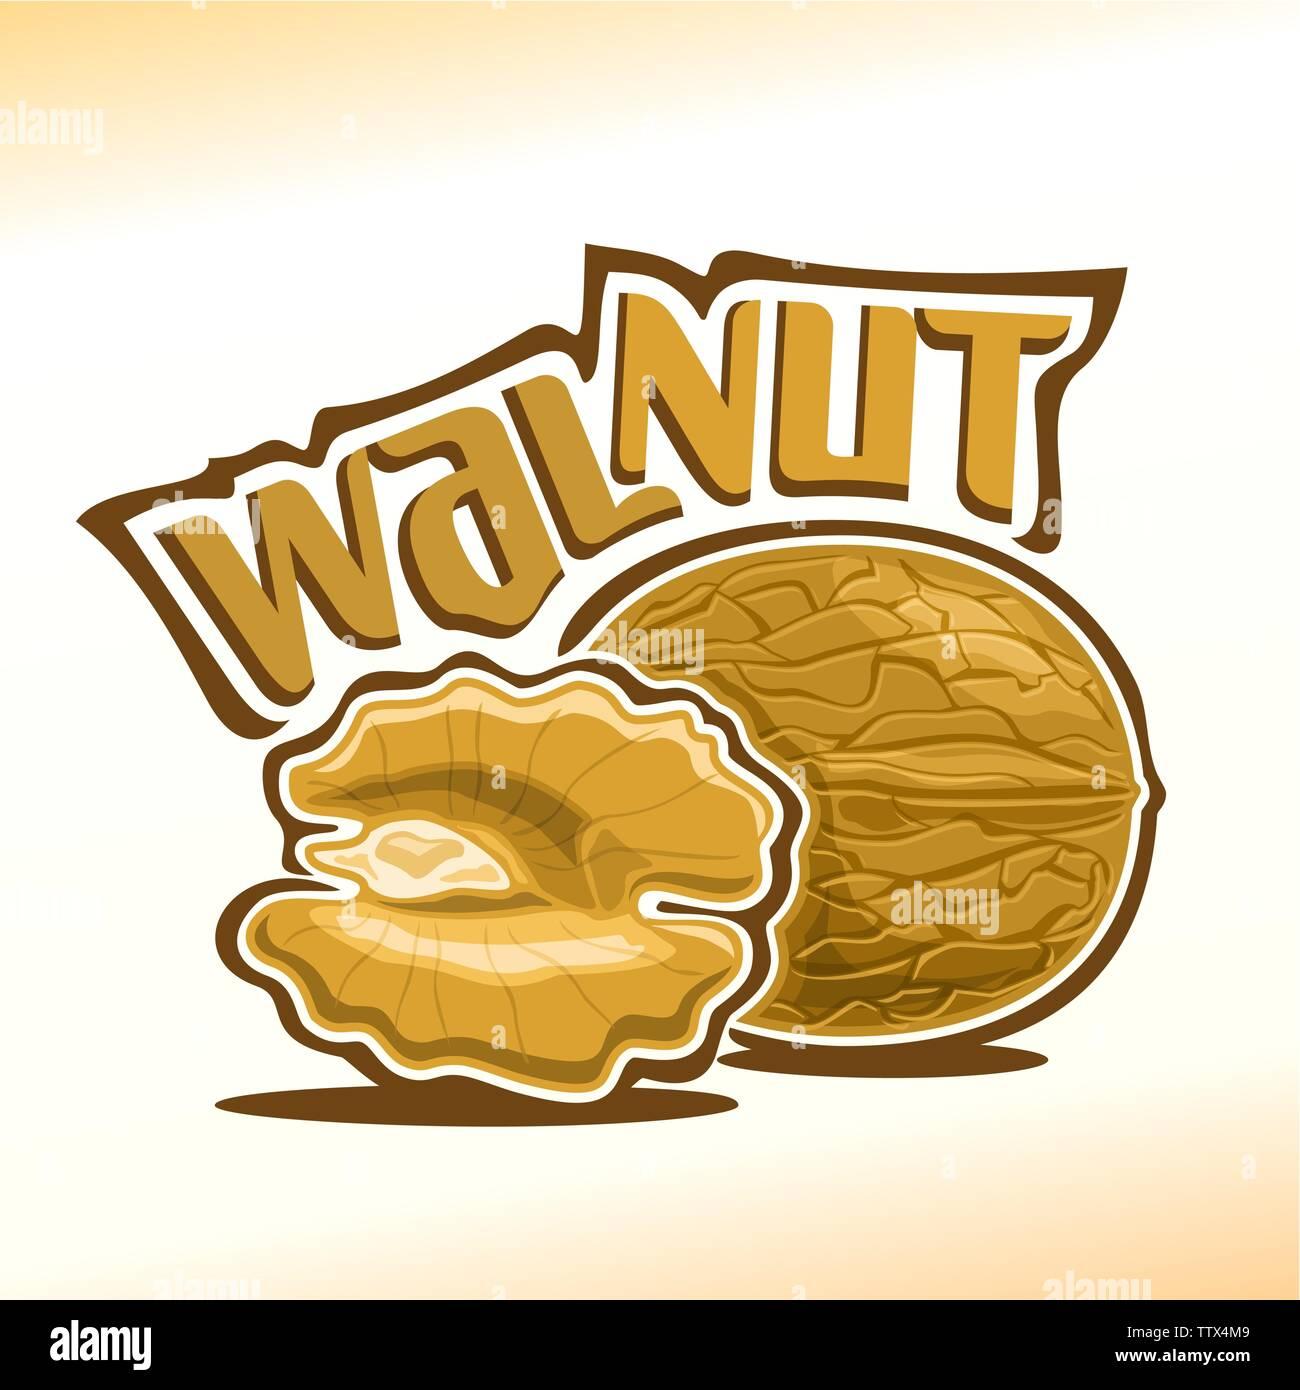 Vector logo for walnut - Stock Vector